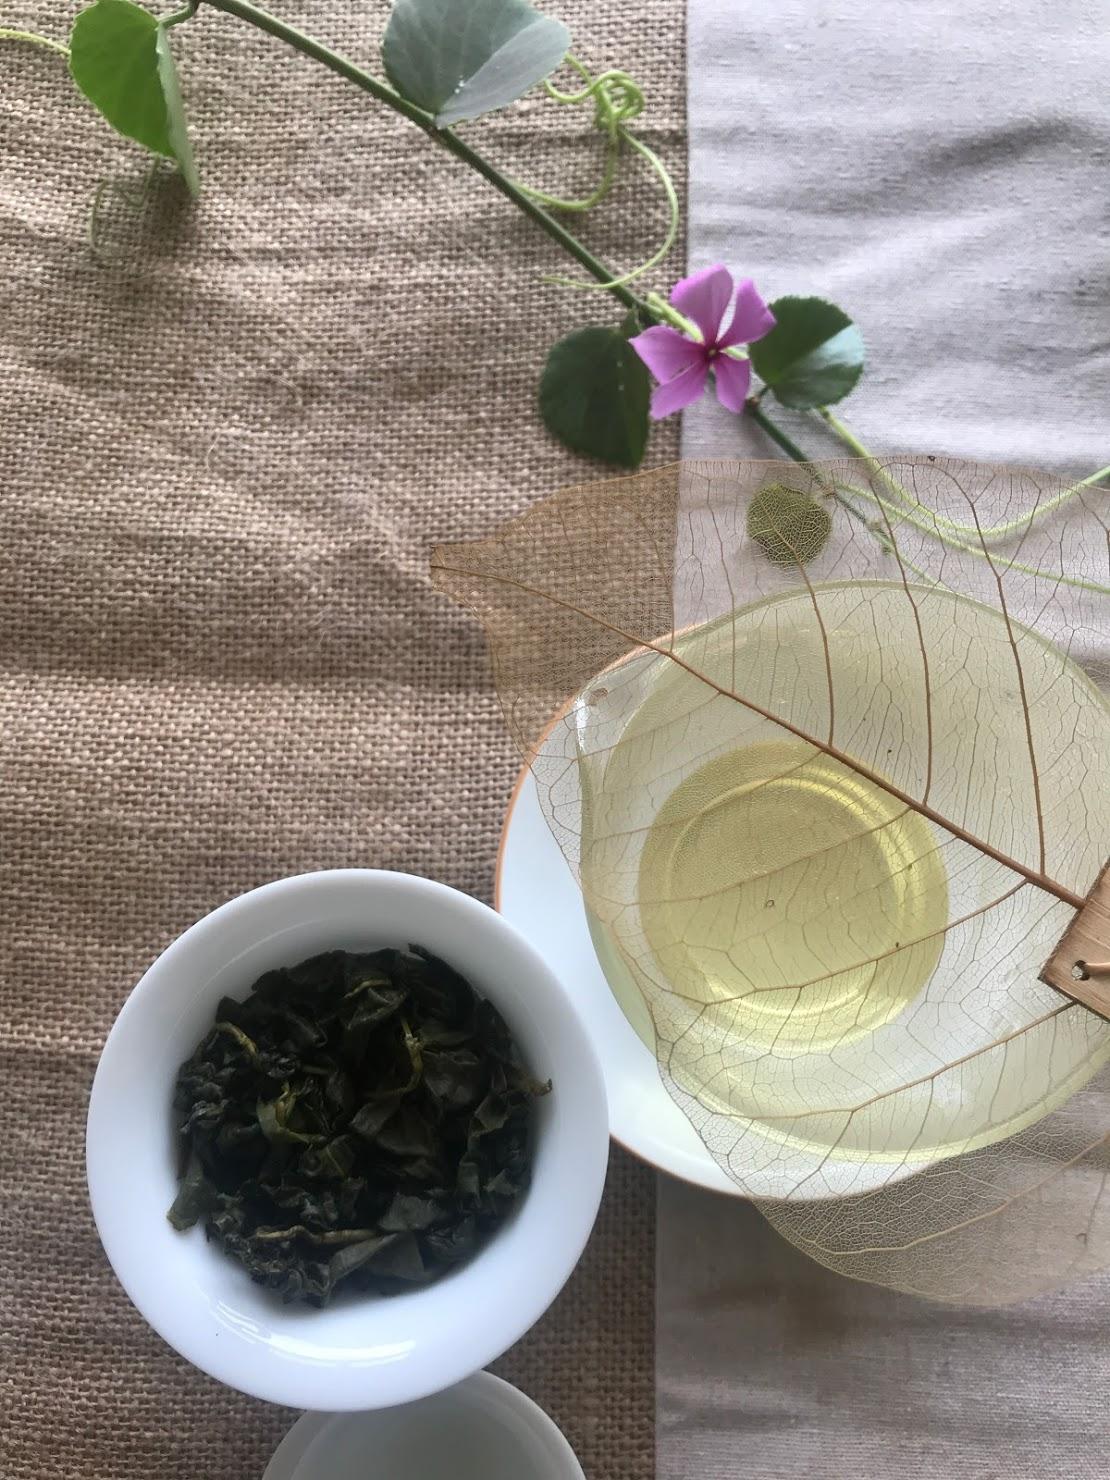 僅次於咖啡,茶葉含有香氣的化合物多達700多種,從乾葉、熱茶湯、到浸潤後的葉子,有無止盡的複雜香氣組合。一杯茶,就能讓我們捕捉到好多氣味。